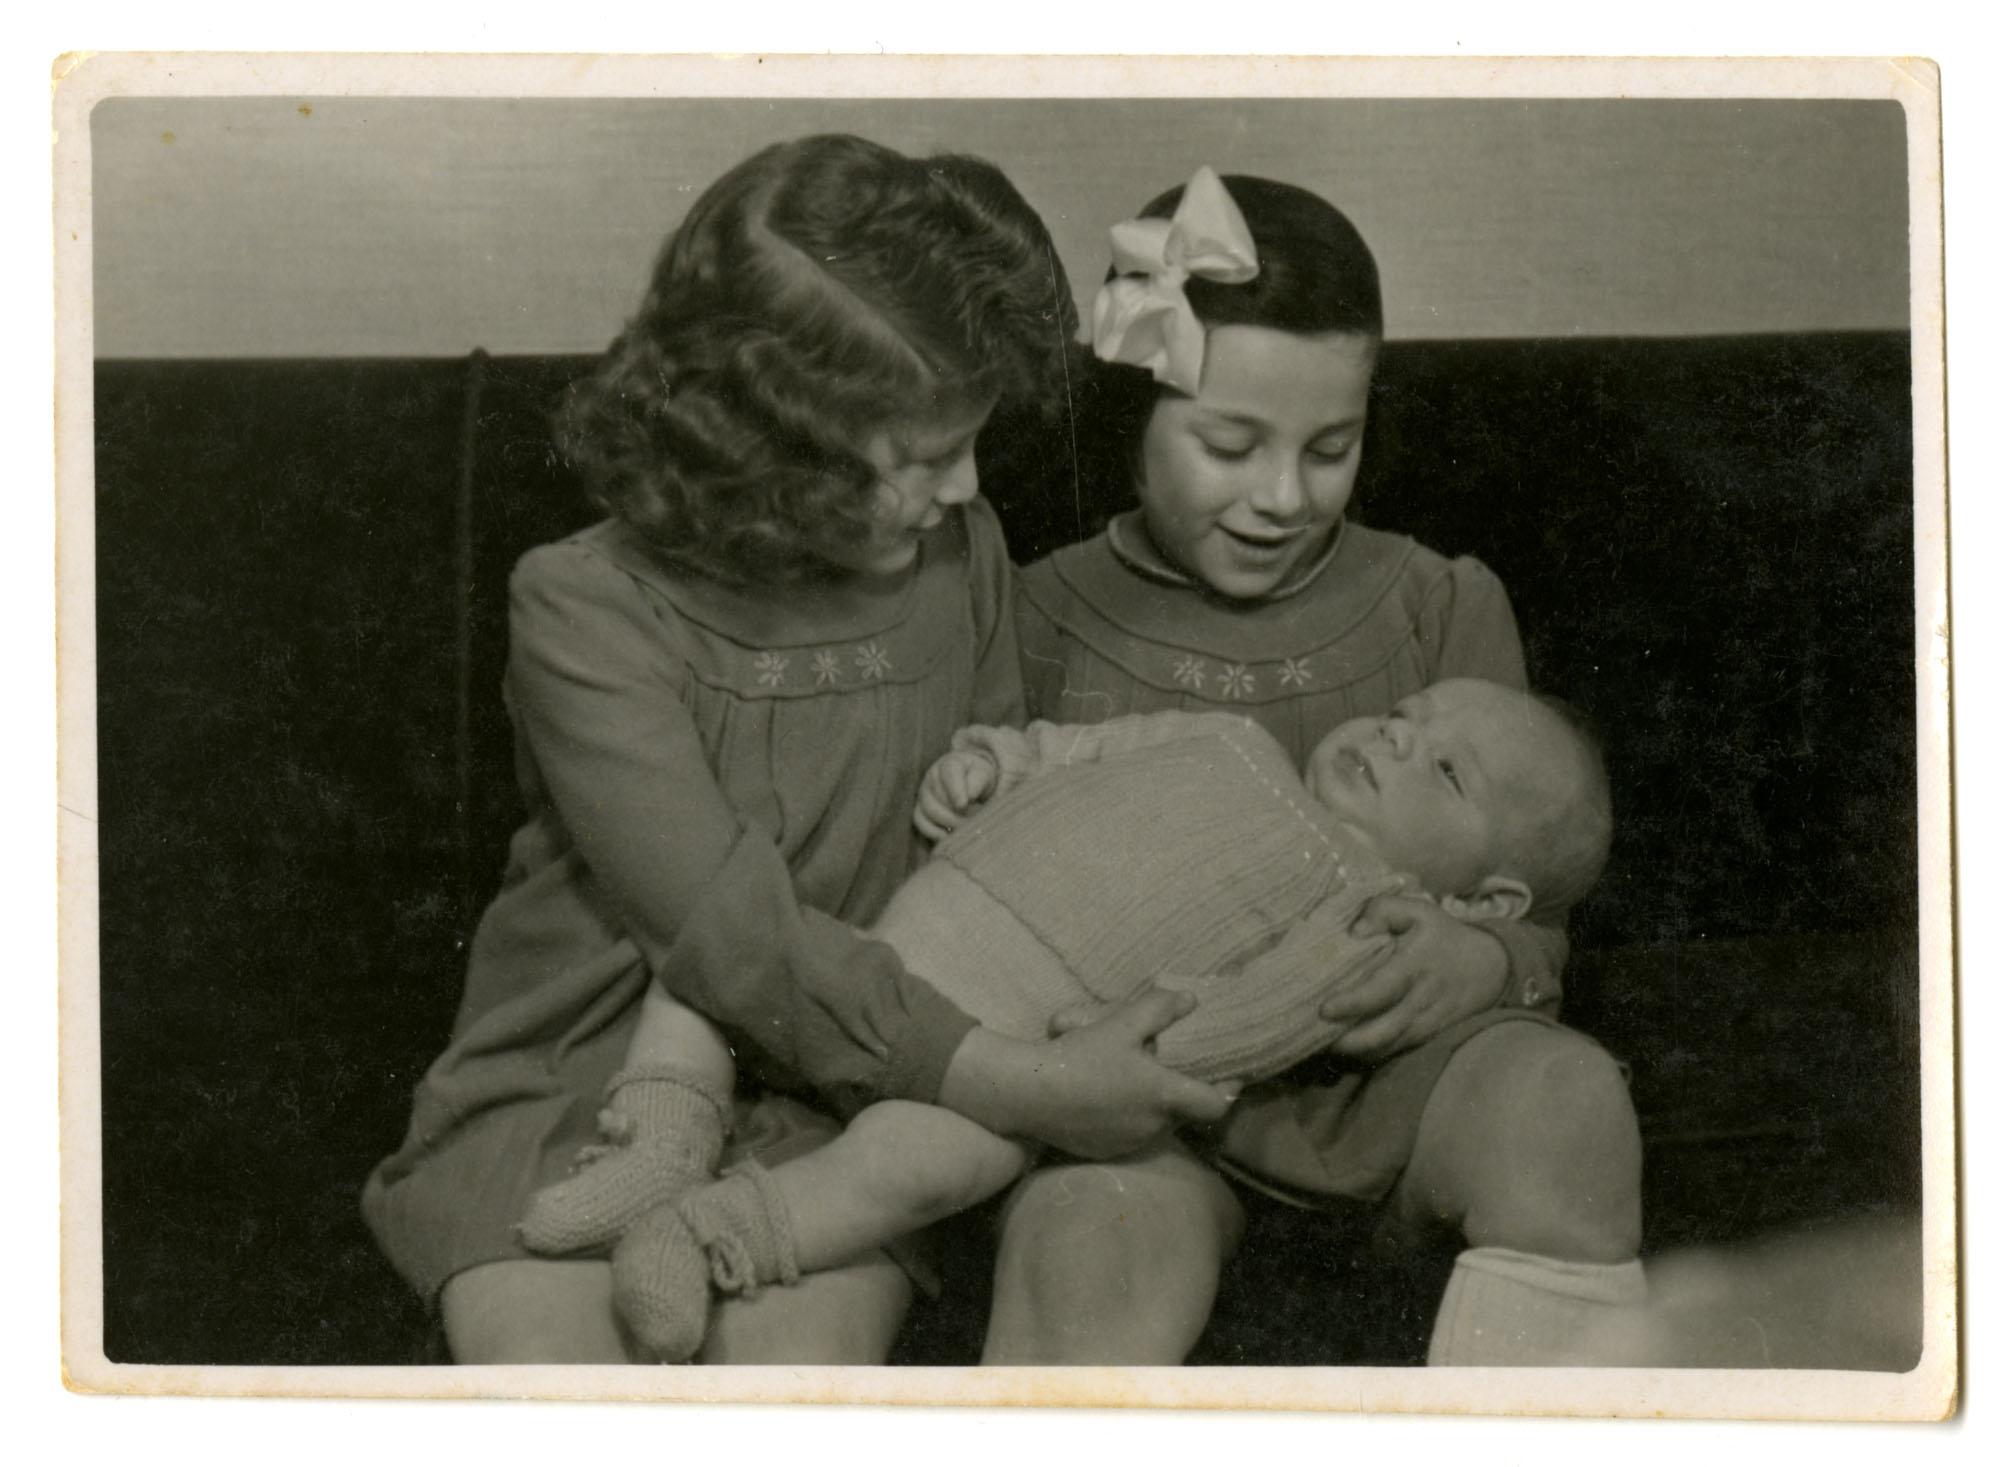 Roosje, Dientje, and Jacob Krant, 1946